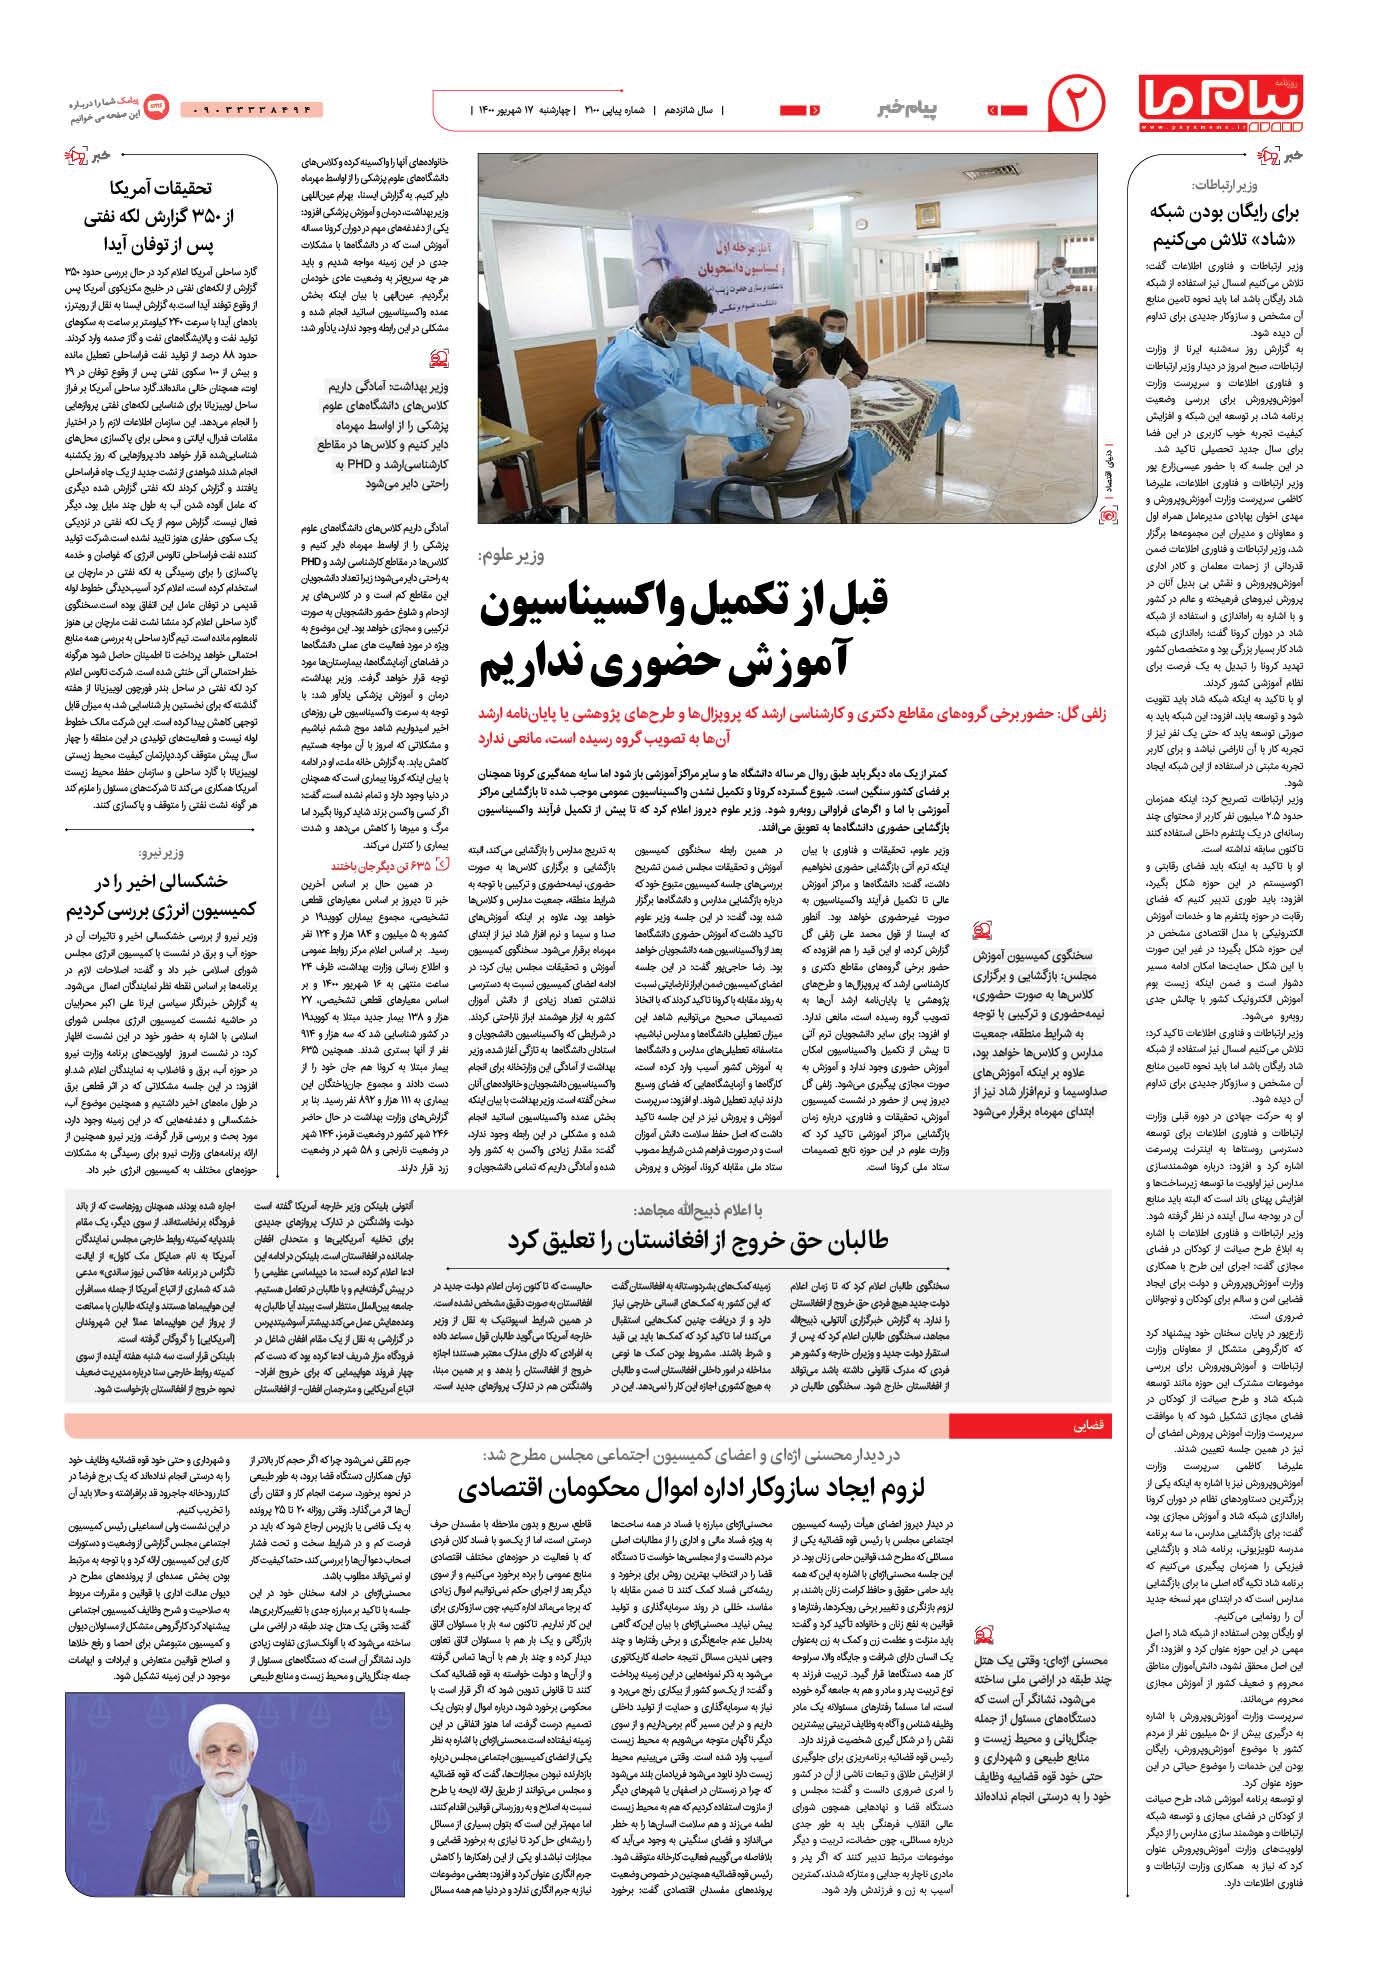 صفحه پیام خبر شماره 2100 روزنامه پیام ما